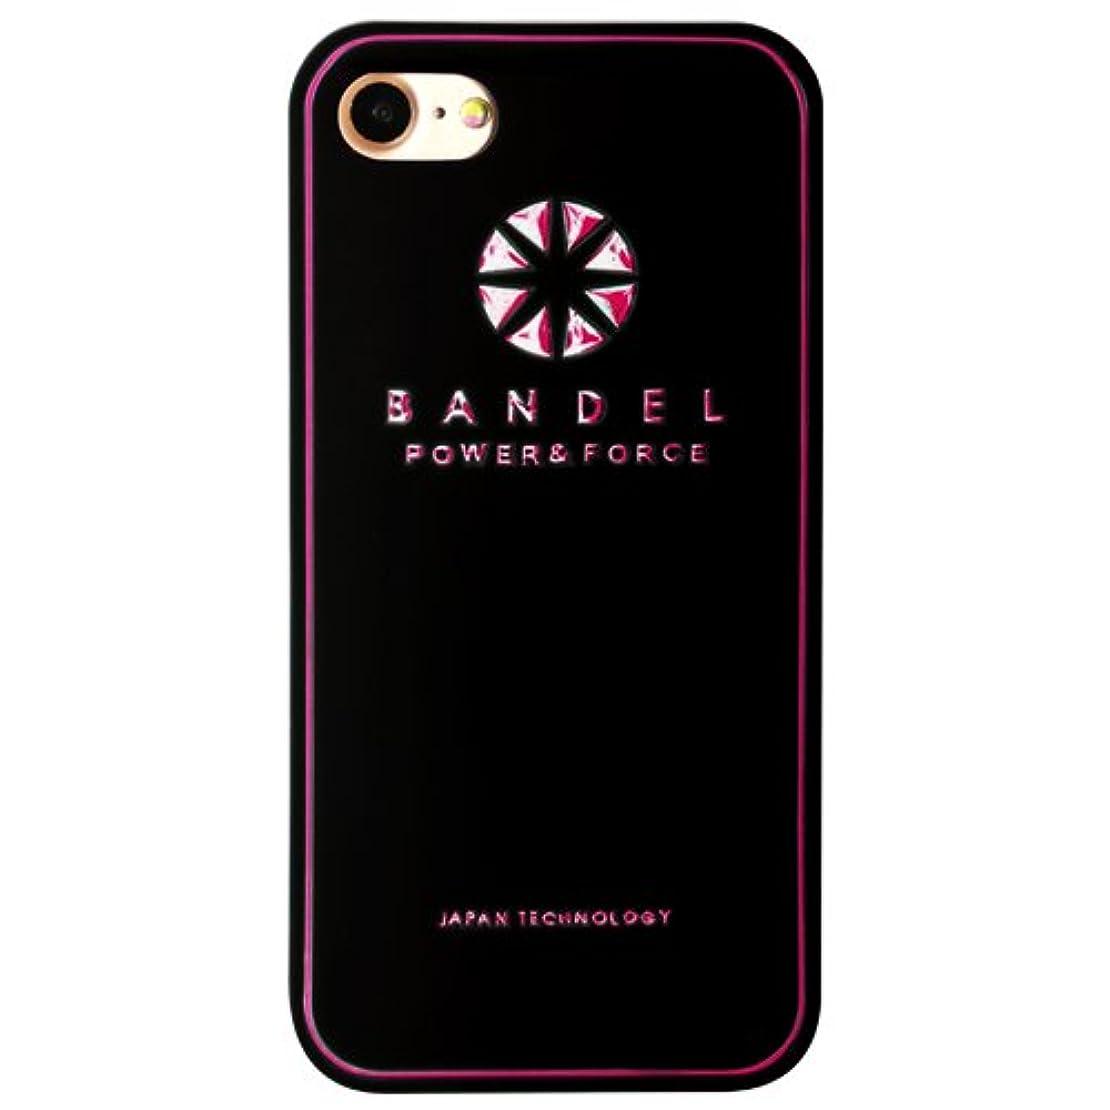 ビートペグ相対的バンデル(BANDEL) ロゴ iPhone 8専用 シリコンケース [ブラック×ピンク]